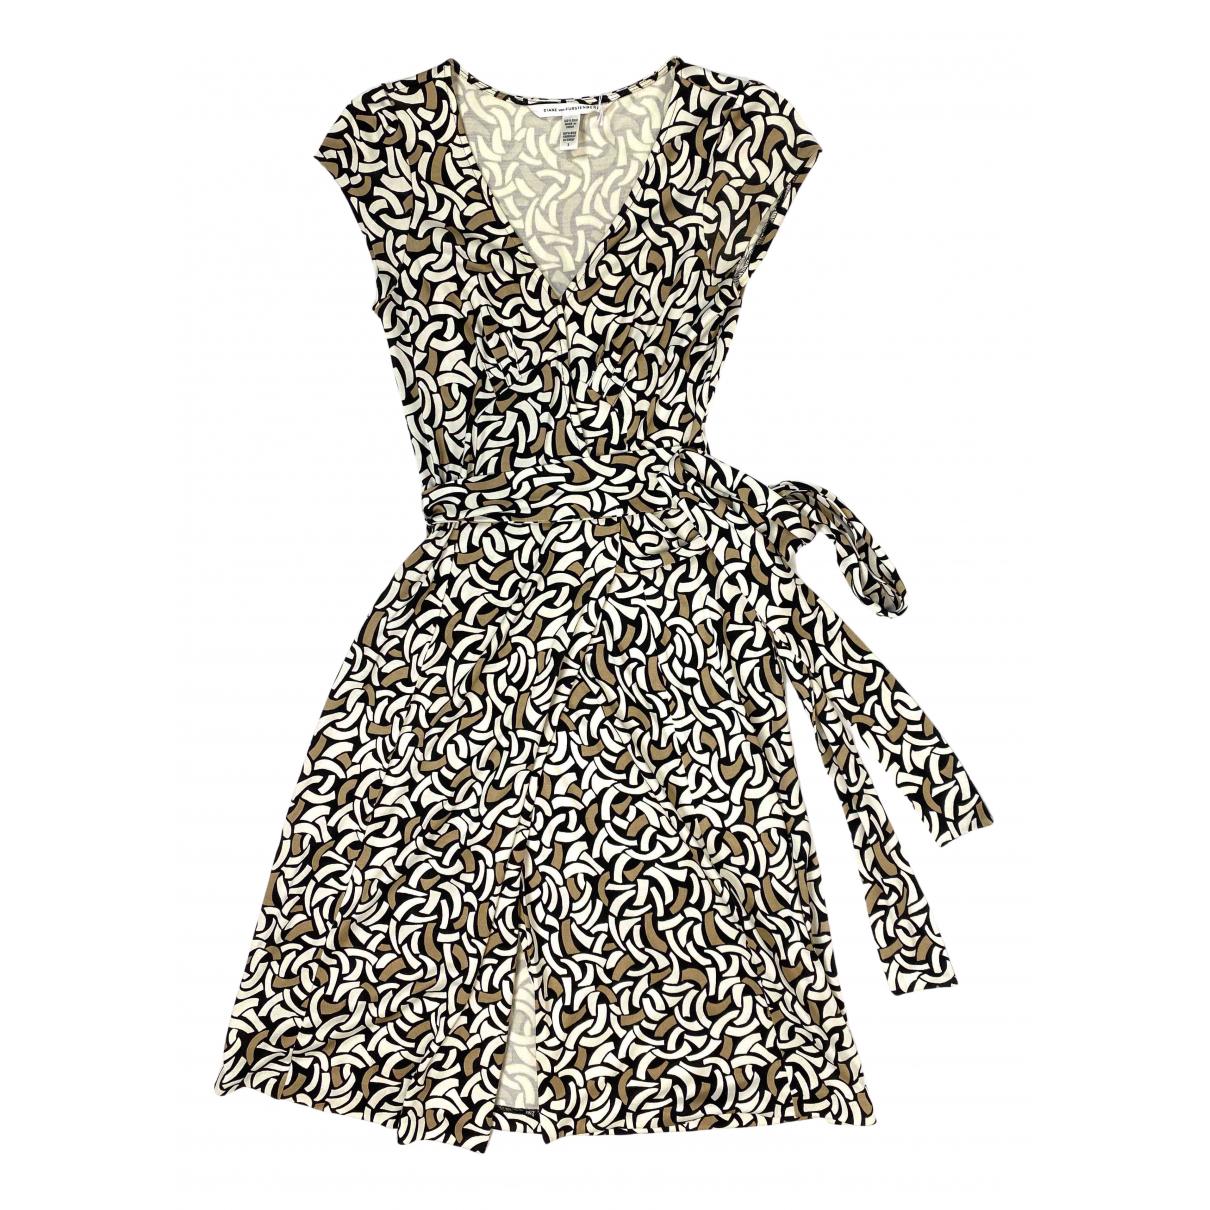 Diane Von Furstenberg N Multicolour Cotton - elasthane dress for Women 2 US